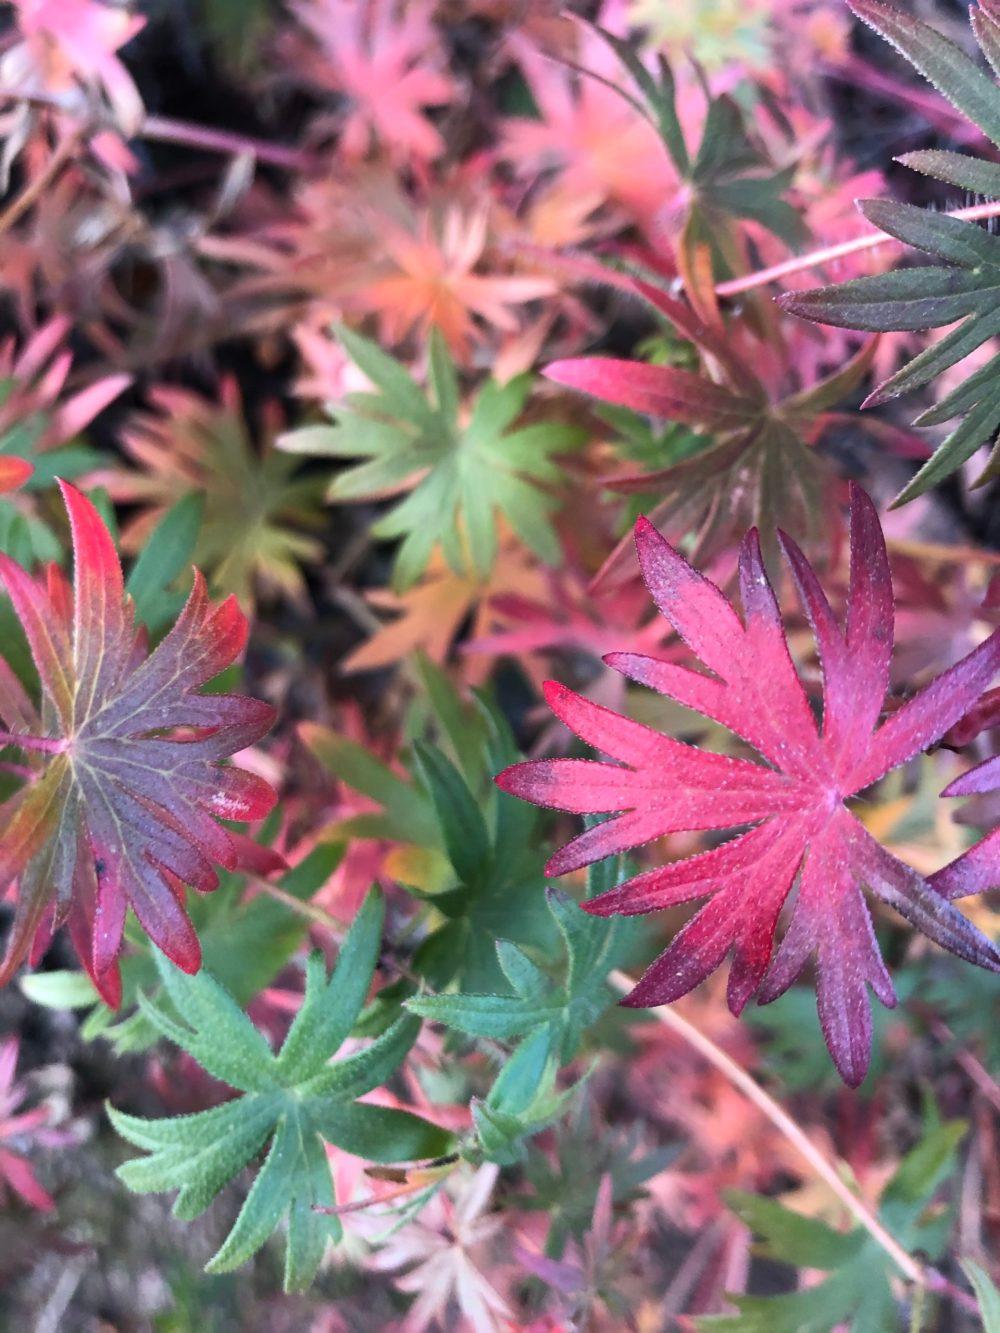 Pink und grüne Blätter der Blutröschen